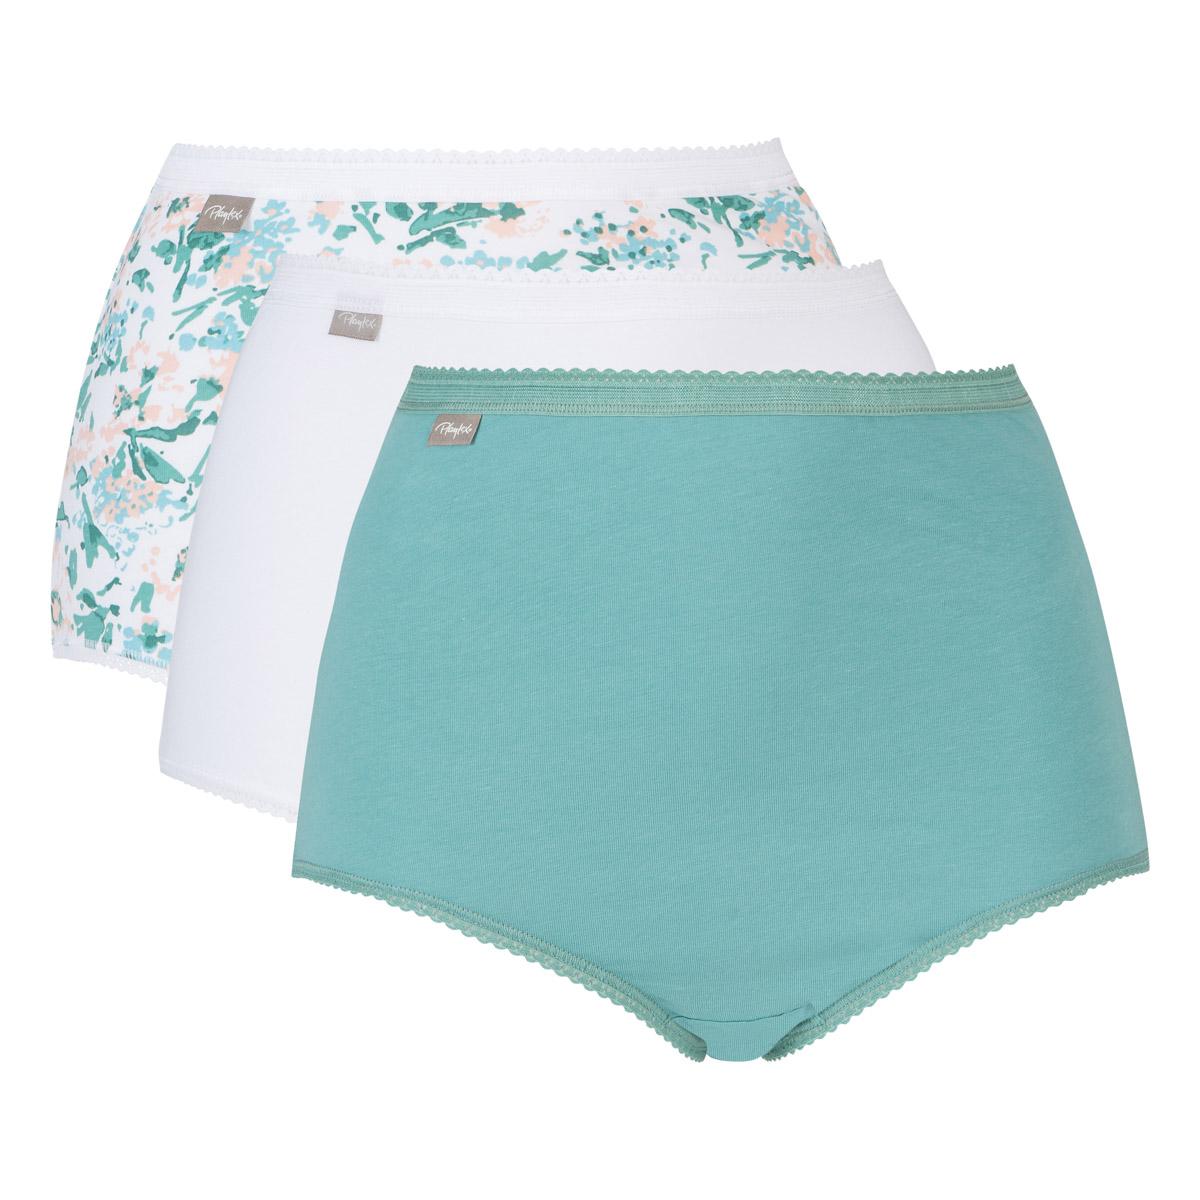 Pacco da 3 slip maxi vita alta bianco, verde, stampa fiori Cotone Elasticizzato, , PLAYTEX